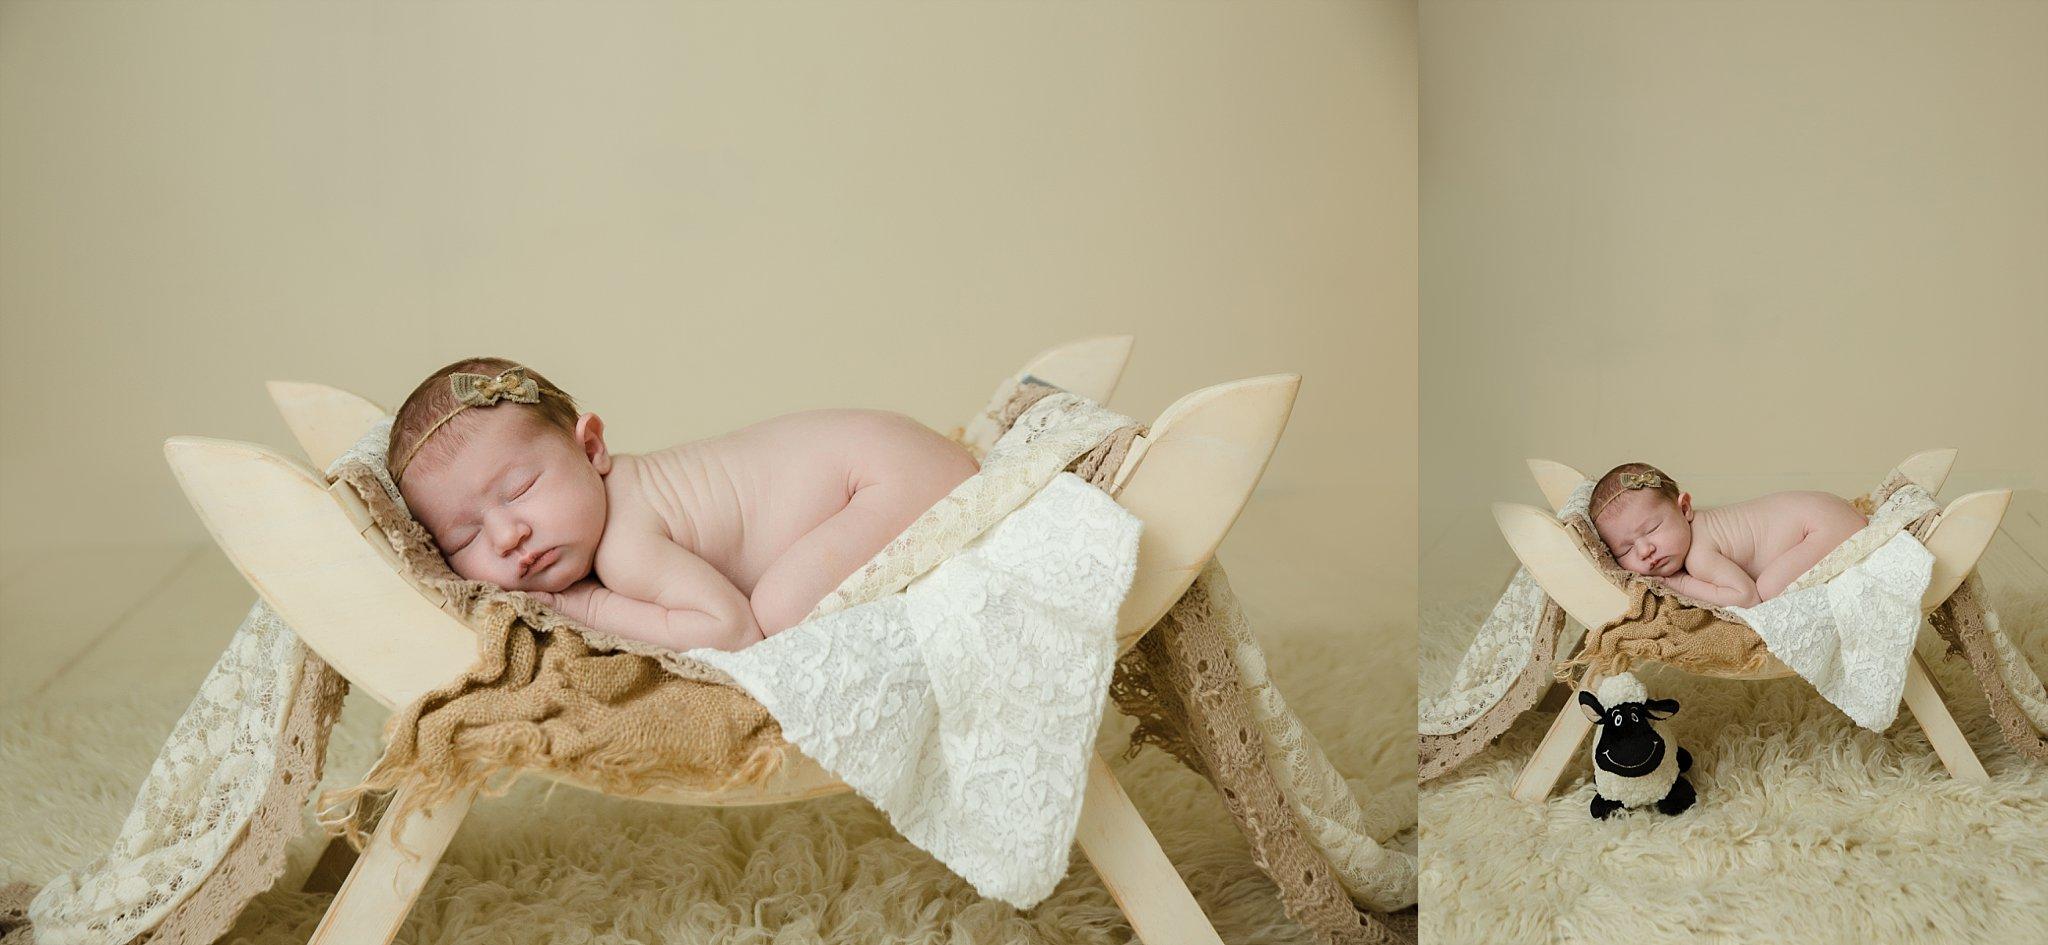 Best baby photographer in columbus, ohio